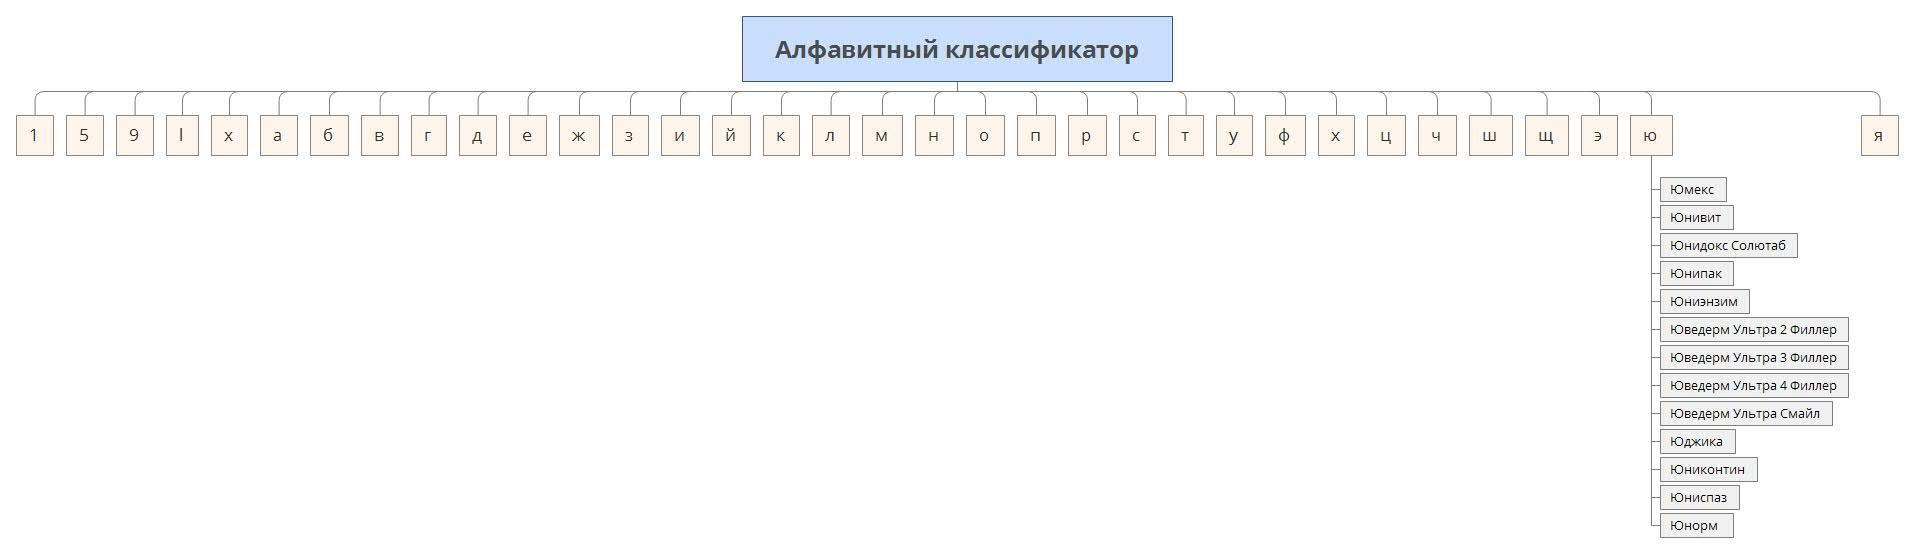 klassifikator-preparatov-po-alfavitu